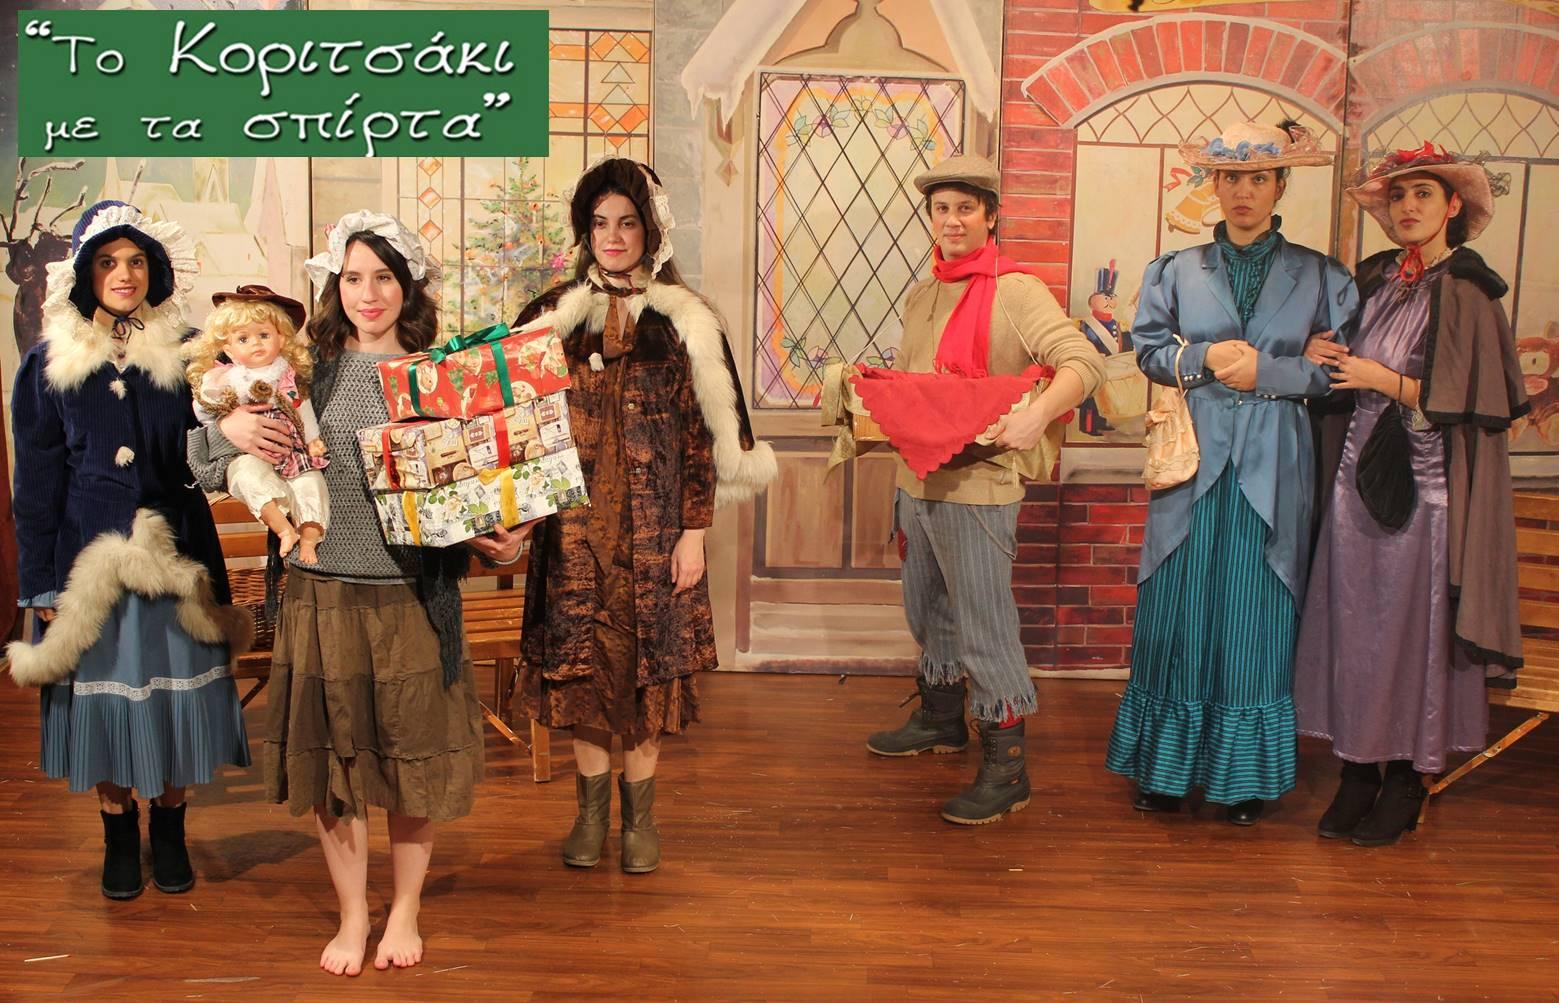 5€ από 10€ για είσοδο στην παιδική, εορταστική παράσταση ''Tο Κοριτσάκι με τα Σπίρτα'', το αγαπημένο παραμύθι του Χανς Κρίστιαν Άντερσεν, με χαρούμενο φινάλε, στο θέατρο Θυμέλη.